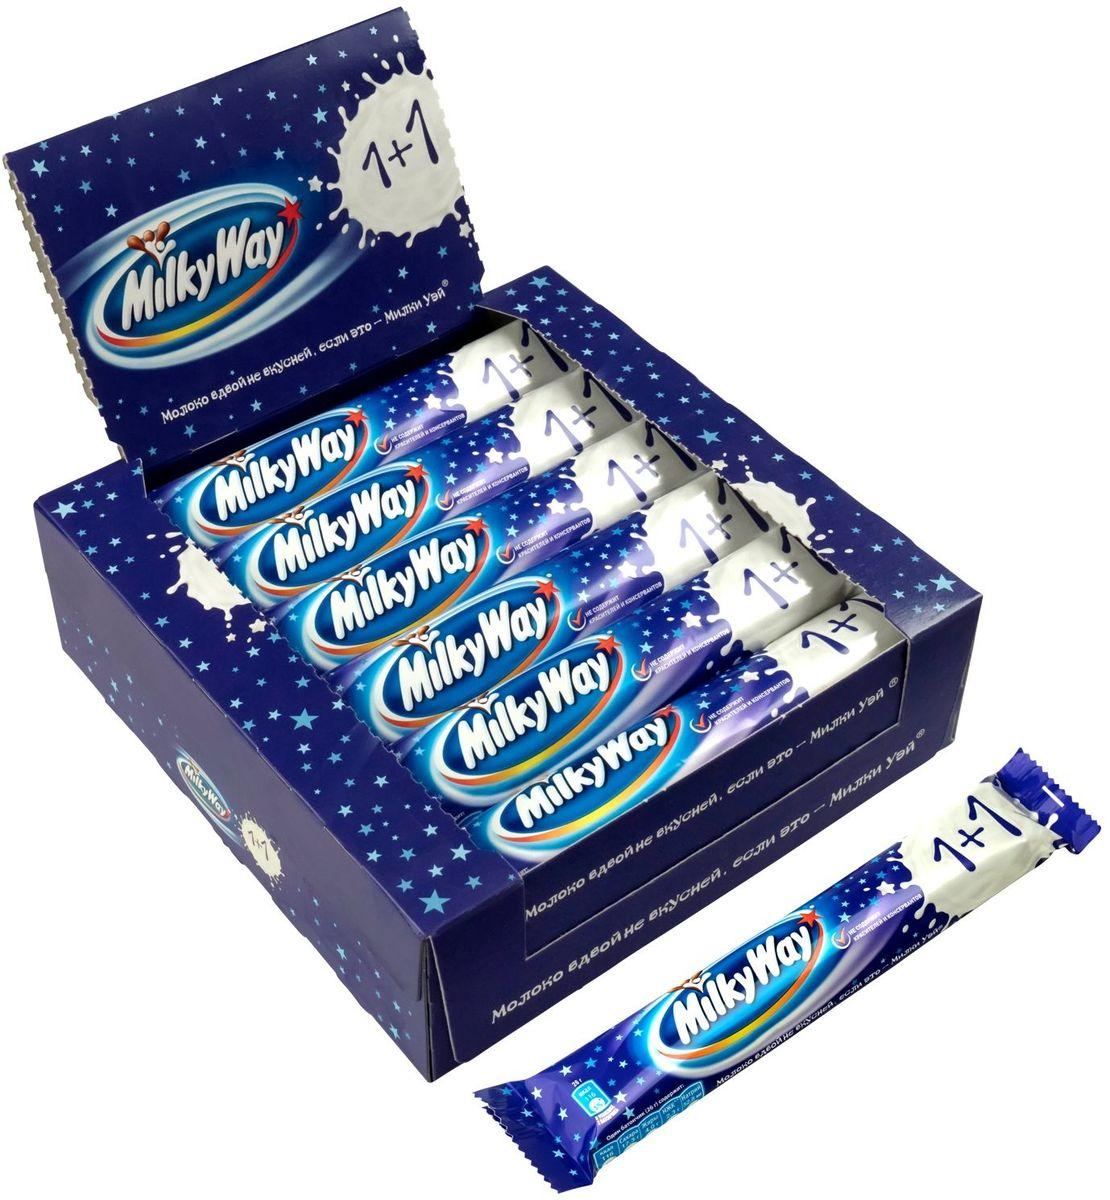 Milky way 1+1 шоколадный батончик,18 шт по 52 г79010004Батончик MILKY WAY 1+1 состоит из нуги, которая намного легче молока. Молочный шоколад, которым покрыт батончик, делает вкус MILKY WAY незабываемо нежным. Порадуйте юных сладкоежек!